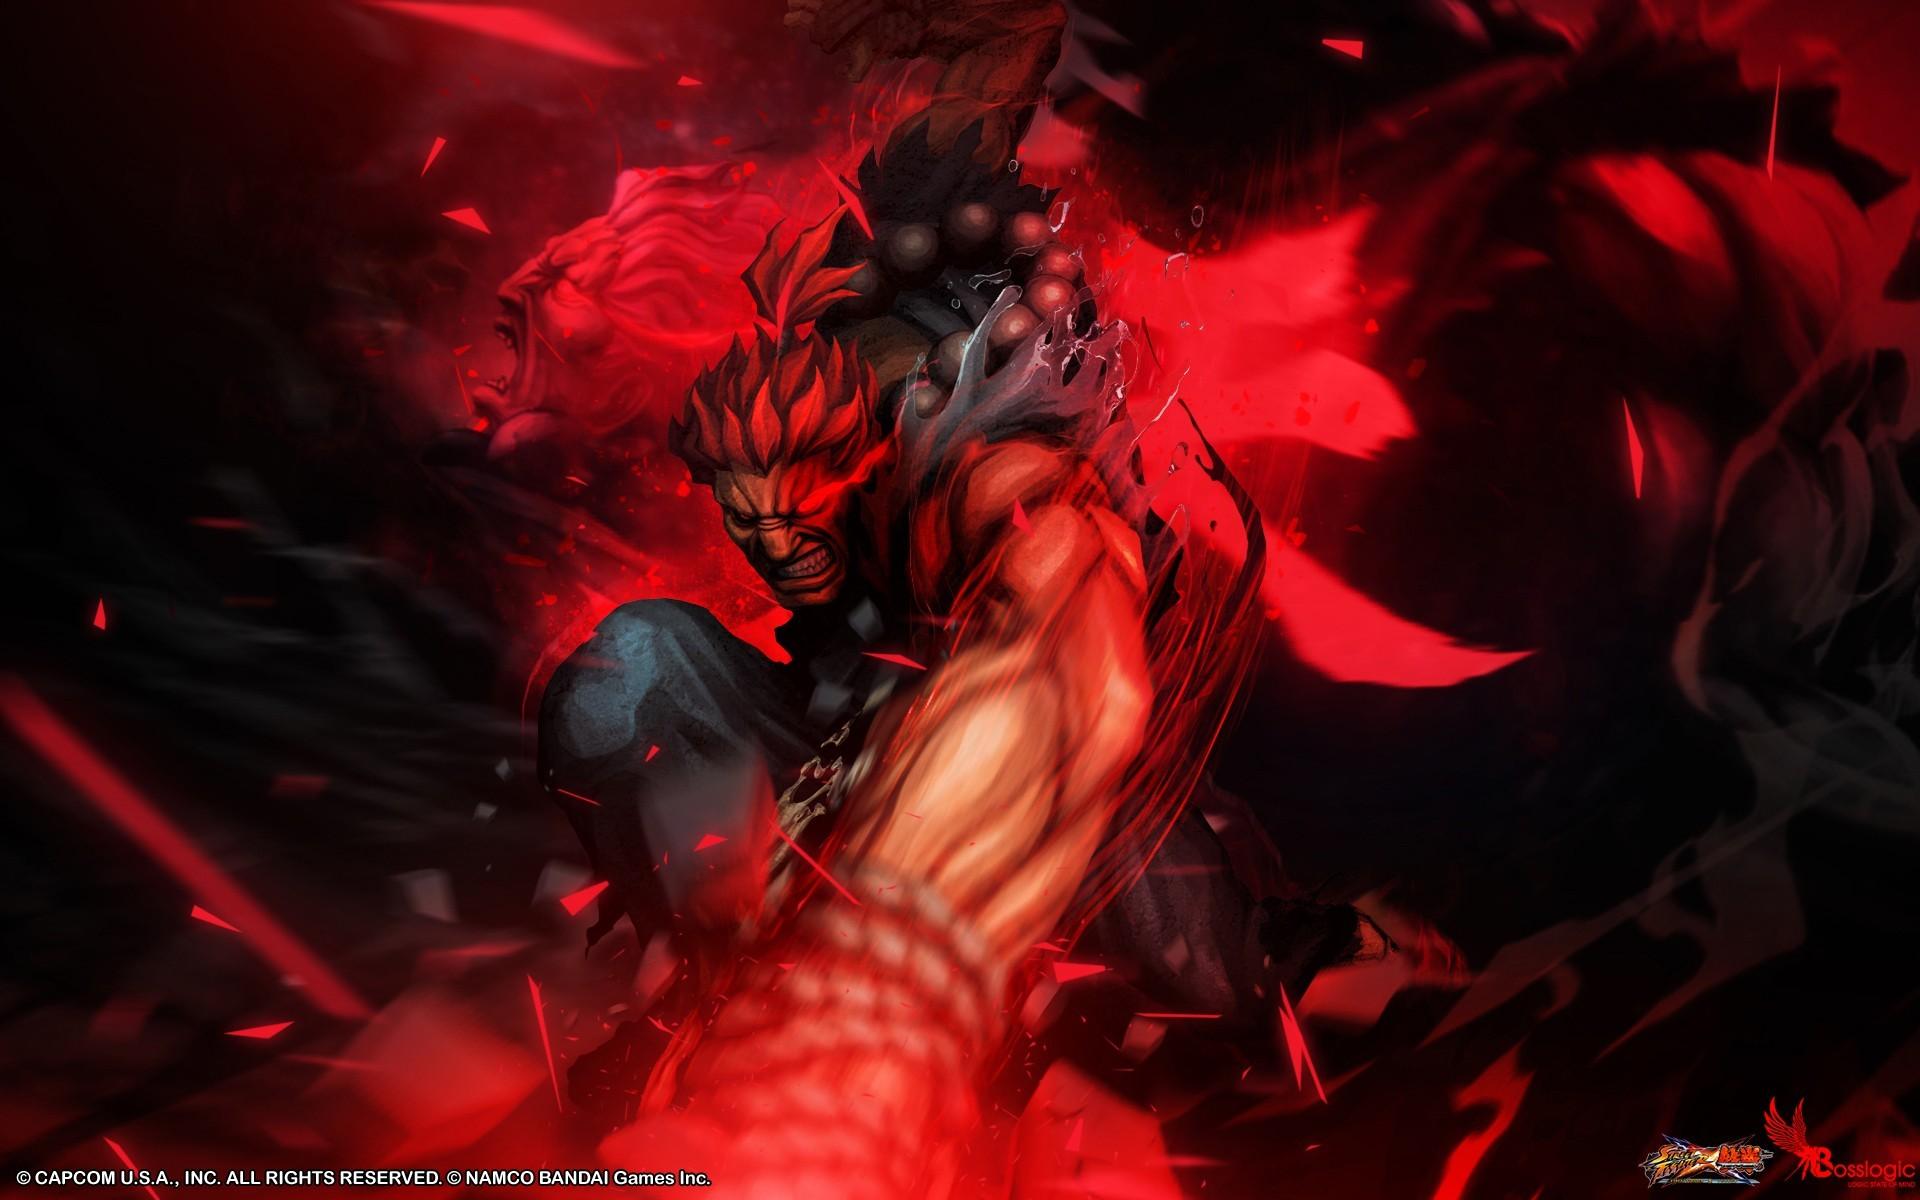 Wallpaper : red, Street Fighter, demon, Capcom, Akuma ...